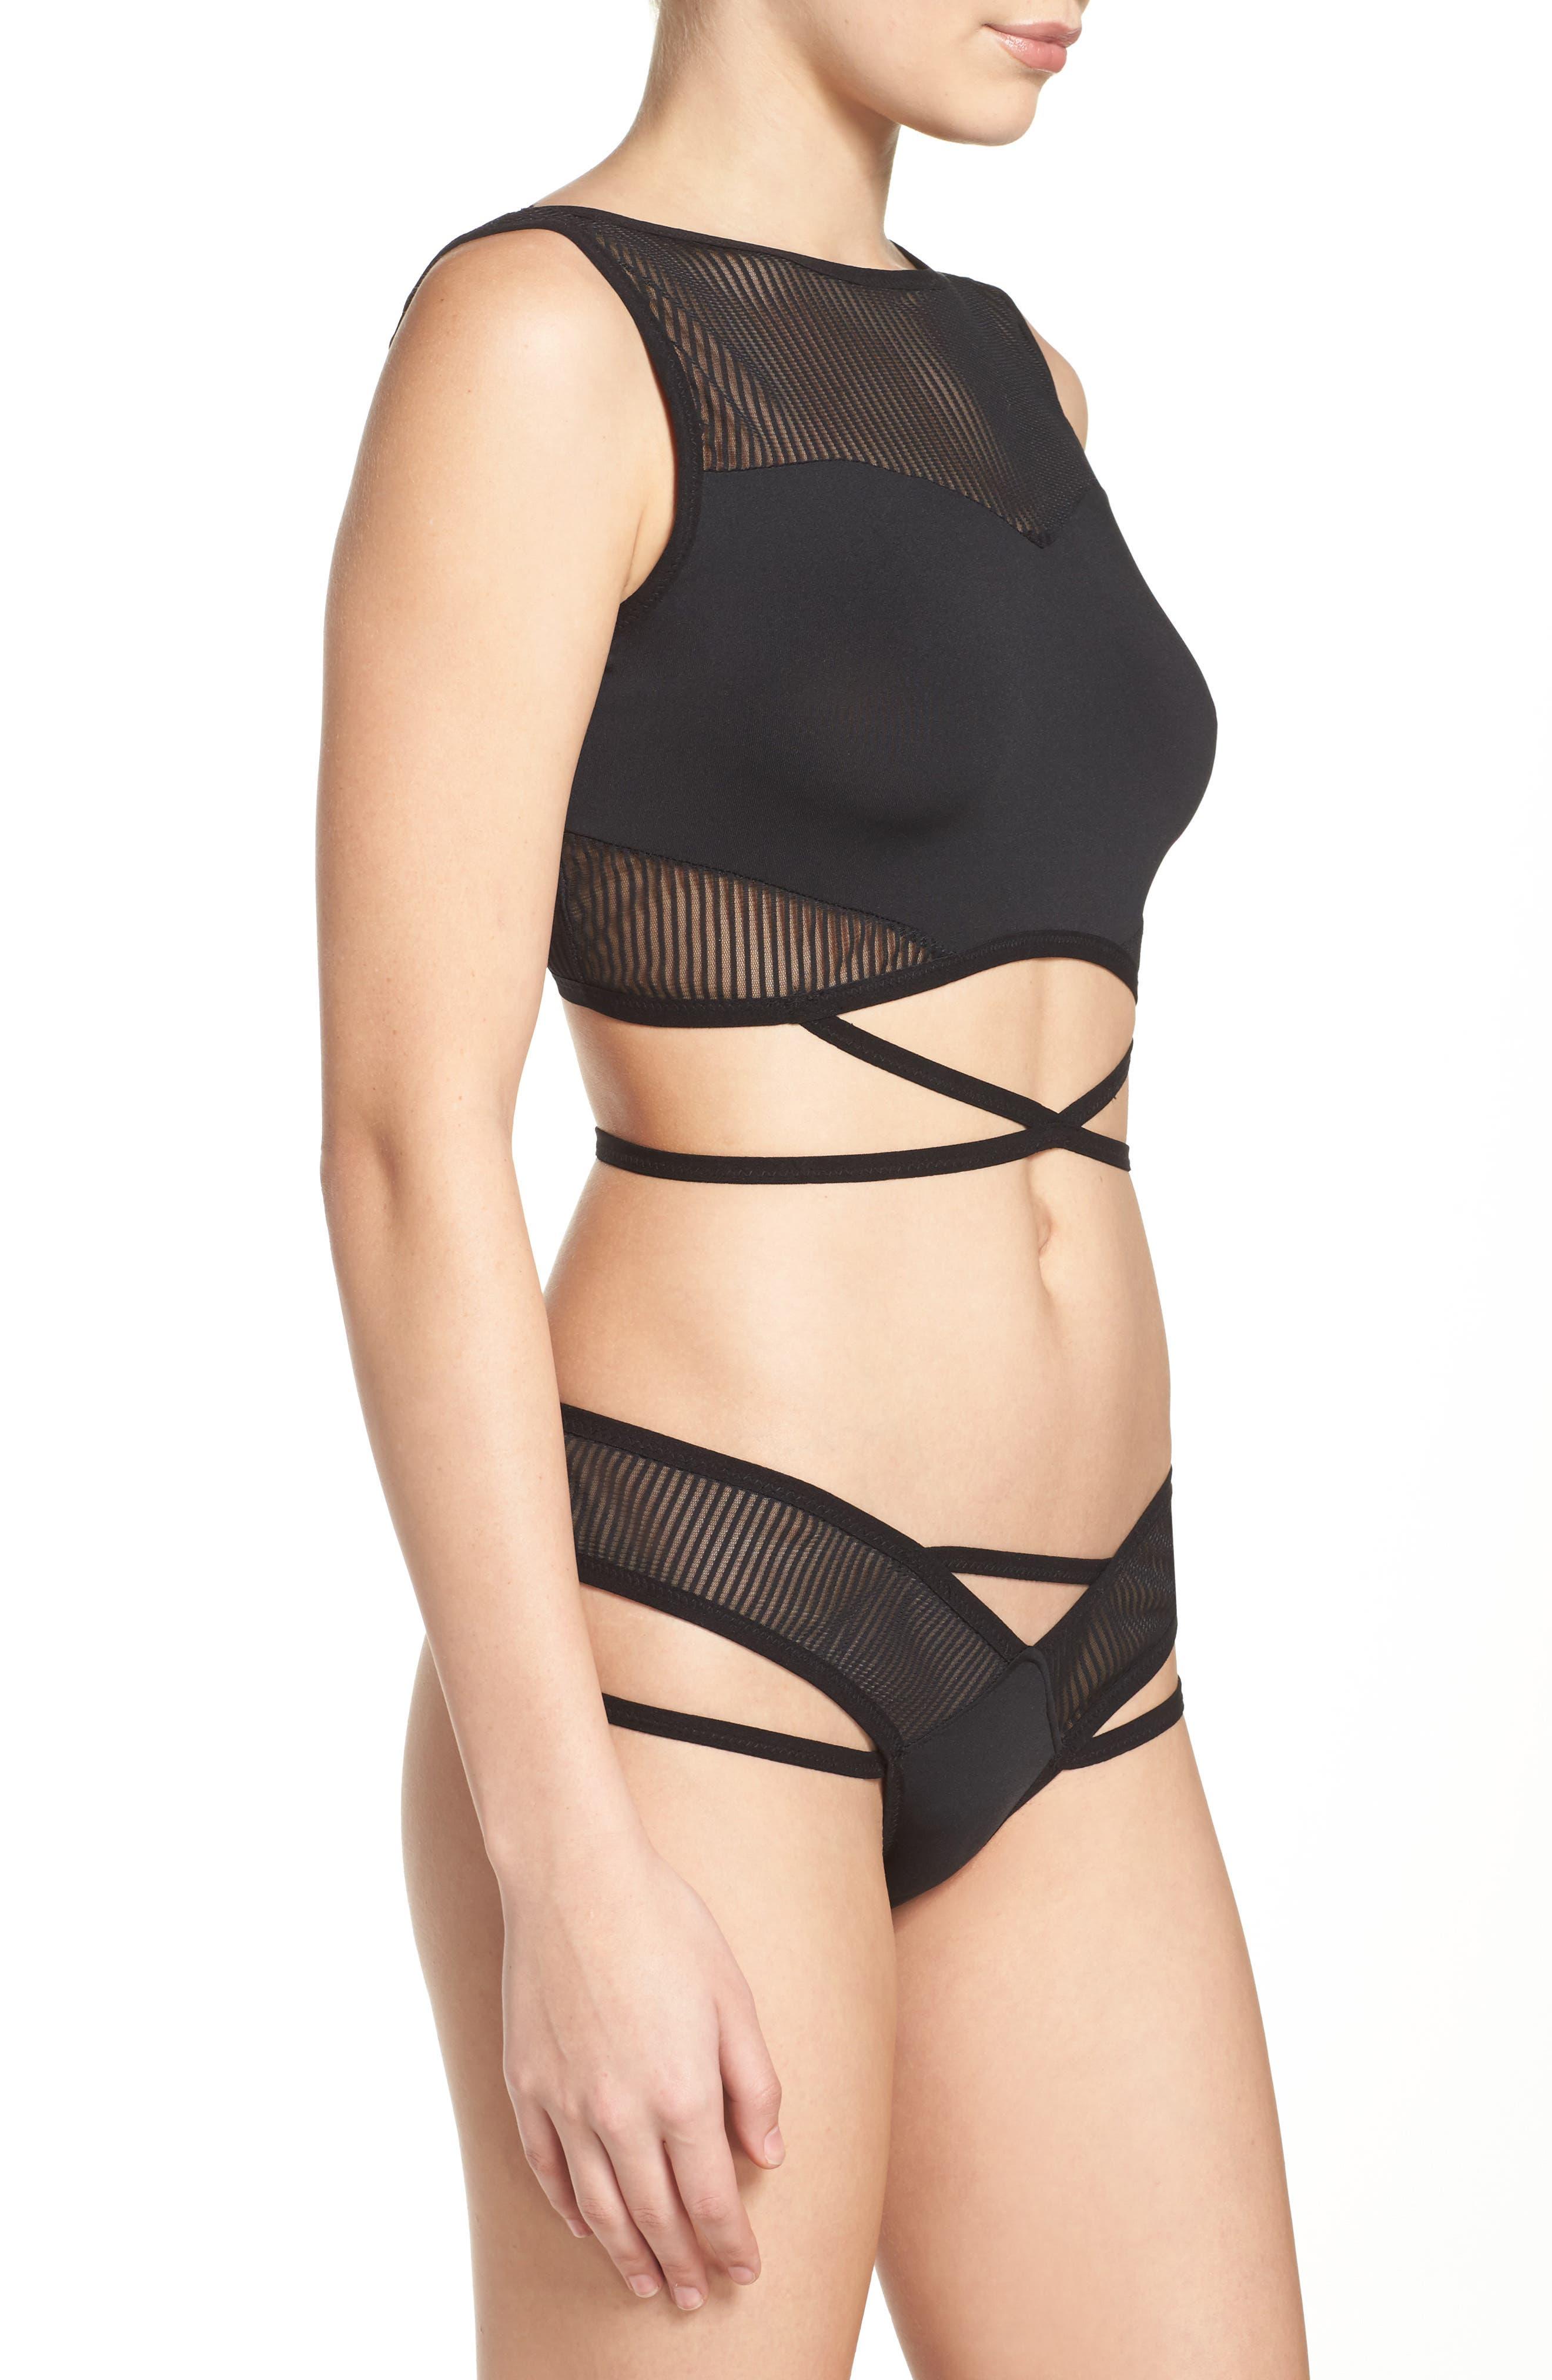 Alternate Image 3  - Hauty Crop Top Bralette & Panties